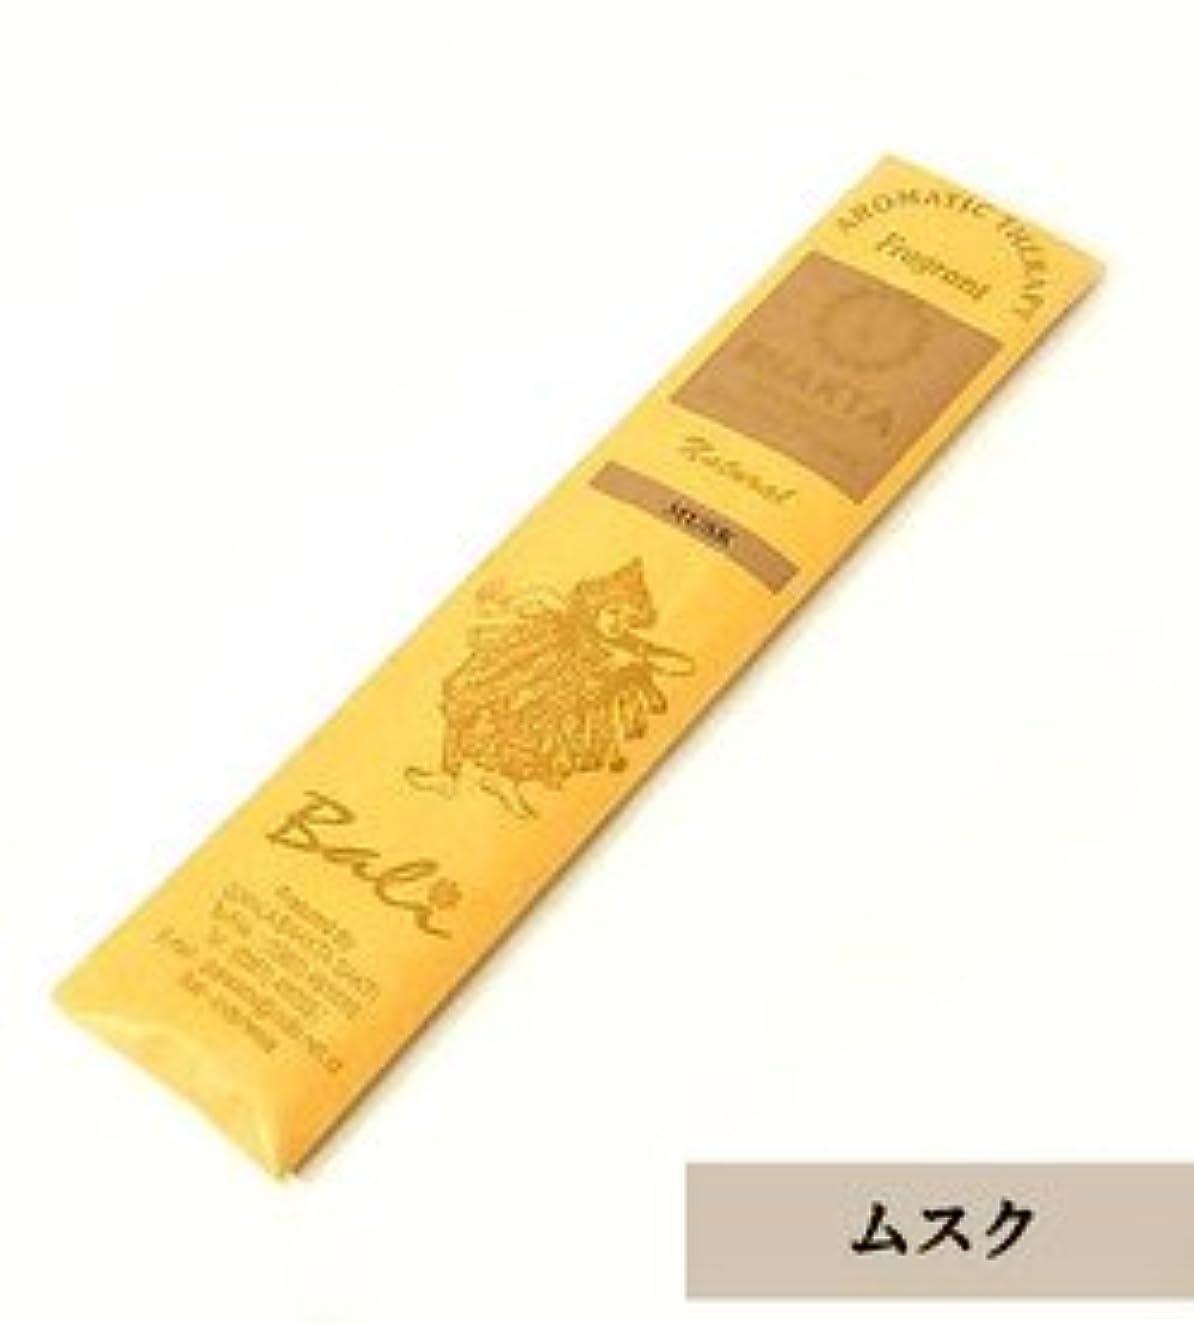 調査ボタン終了しましたバリのお香 BHAKTA 【ムスク】 MUSK ロングスティック 20本入り アジアン雑貨